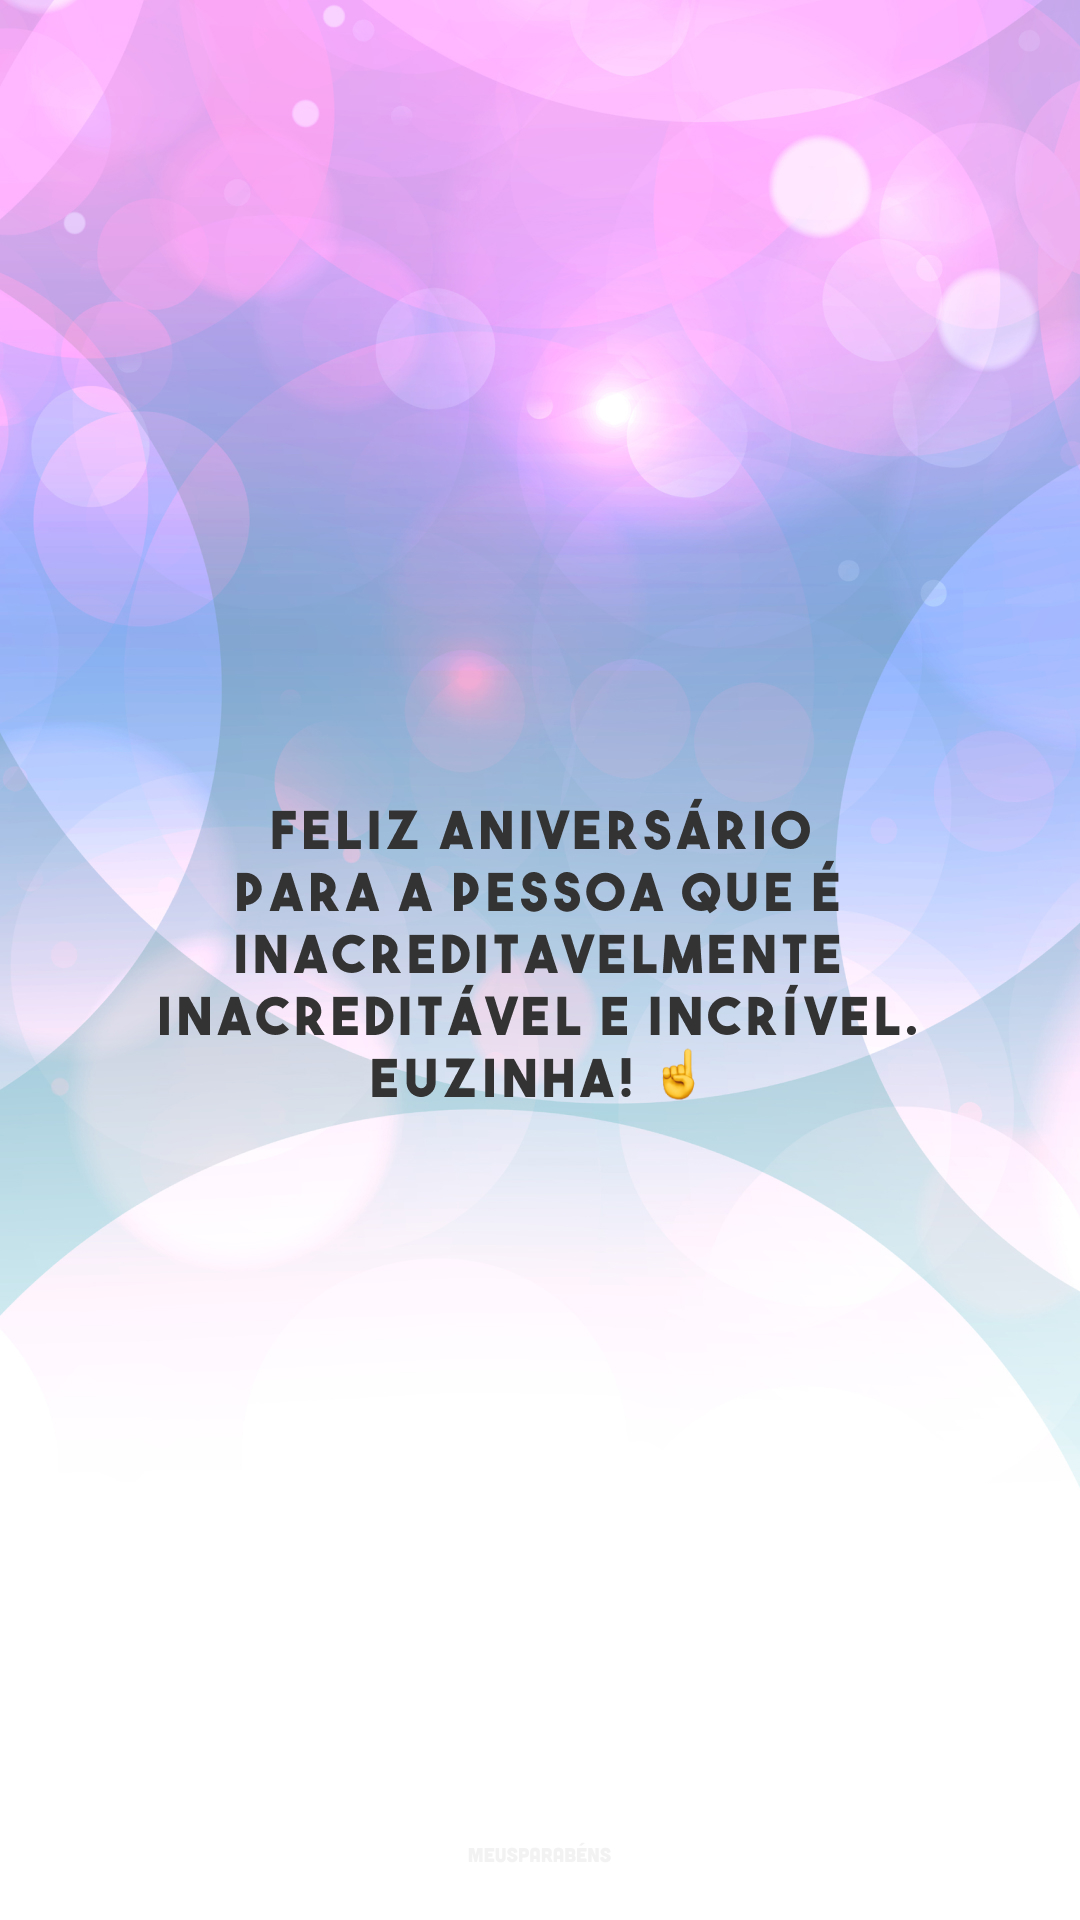 Feliz aniversário para a pessoa que é inacreditavelmente inacreditável e incrível. Euzinha! ☝️